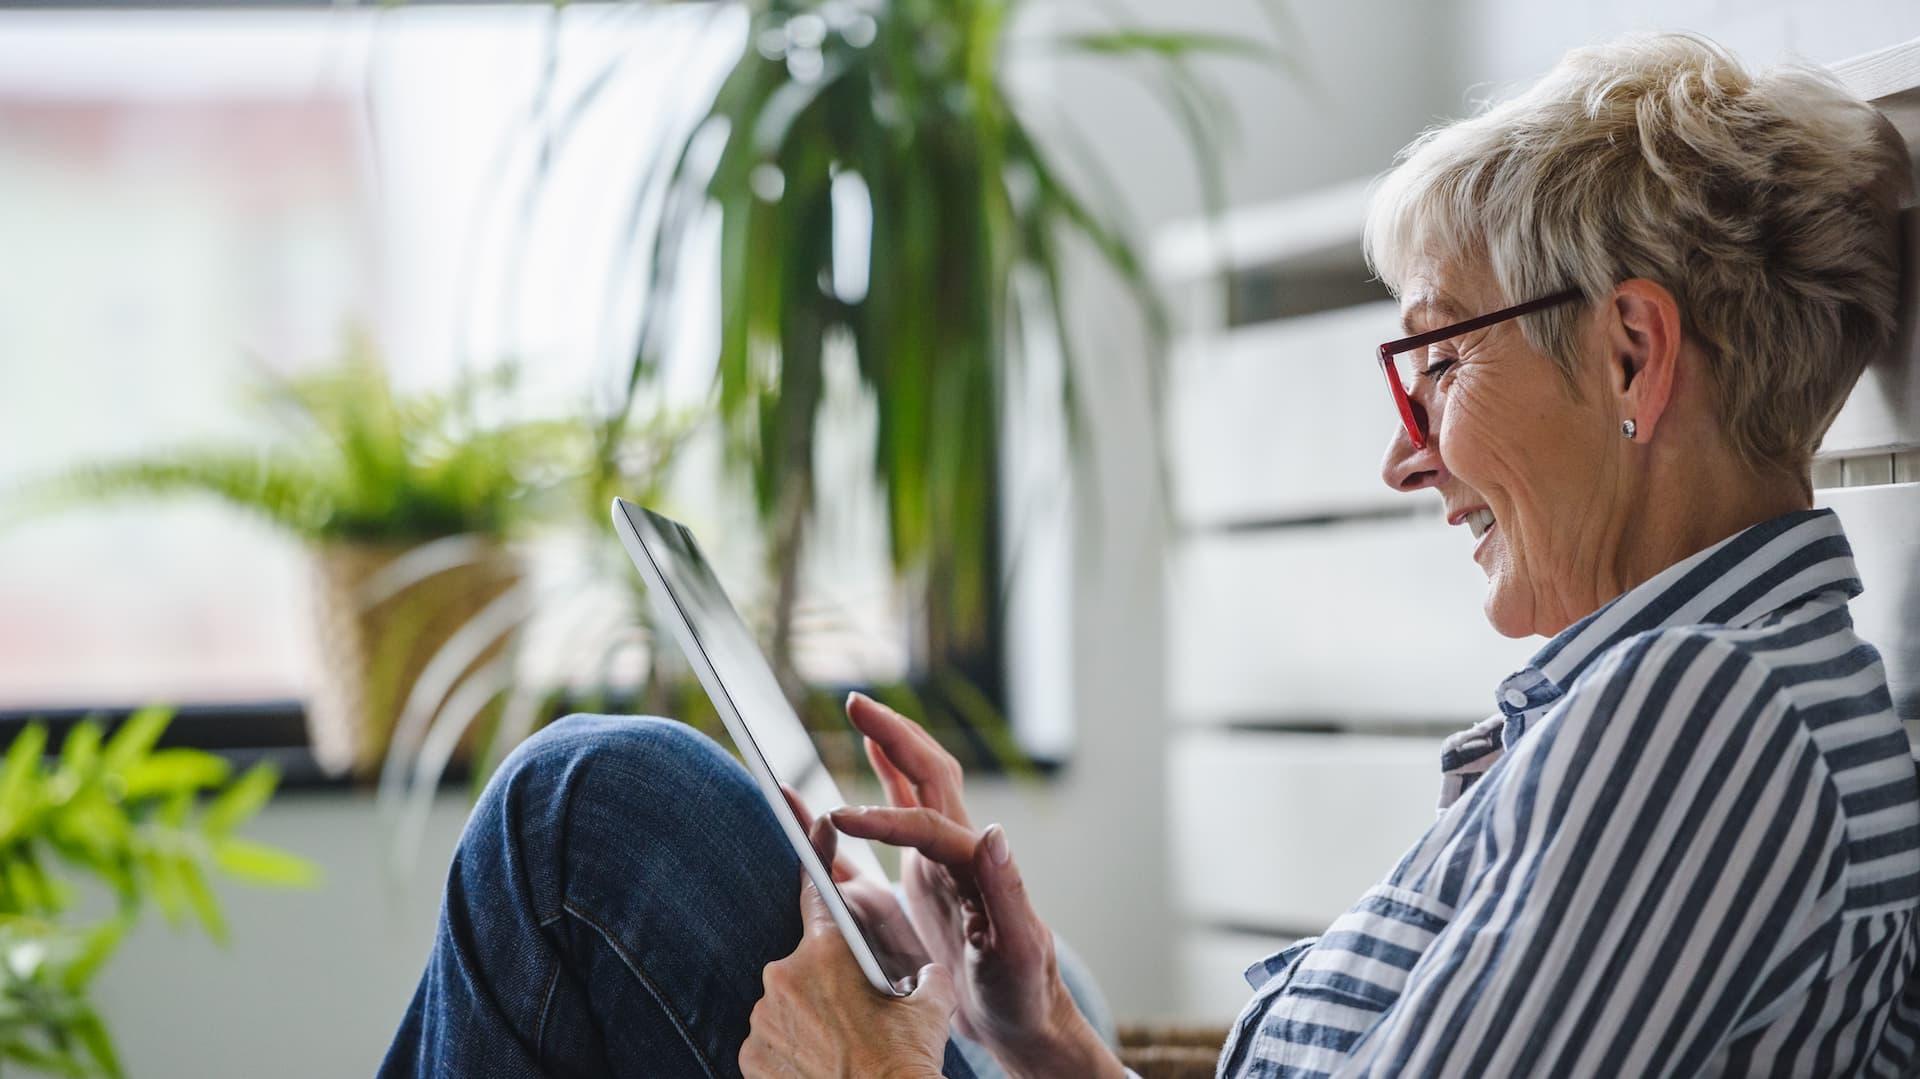 Competencias digitales en mayores de 50